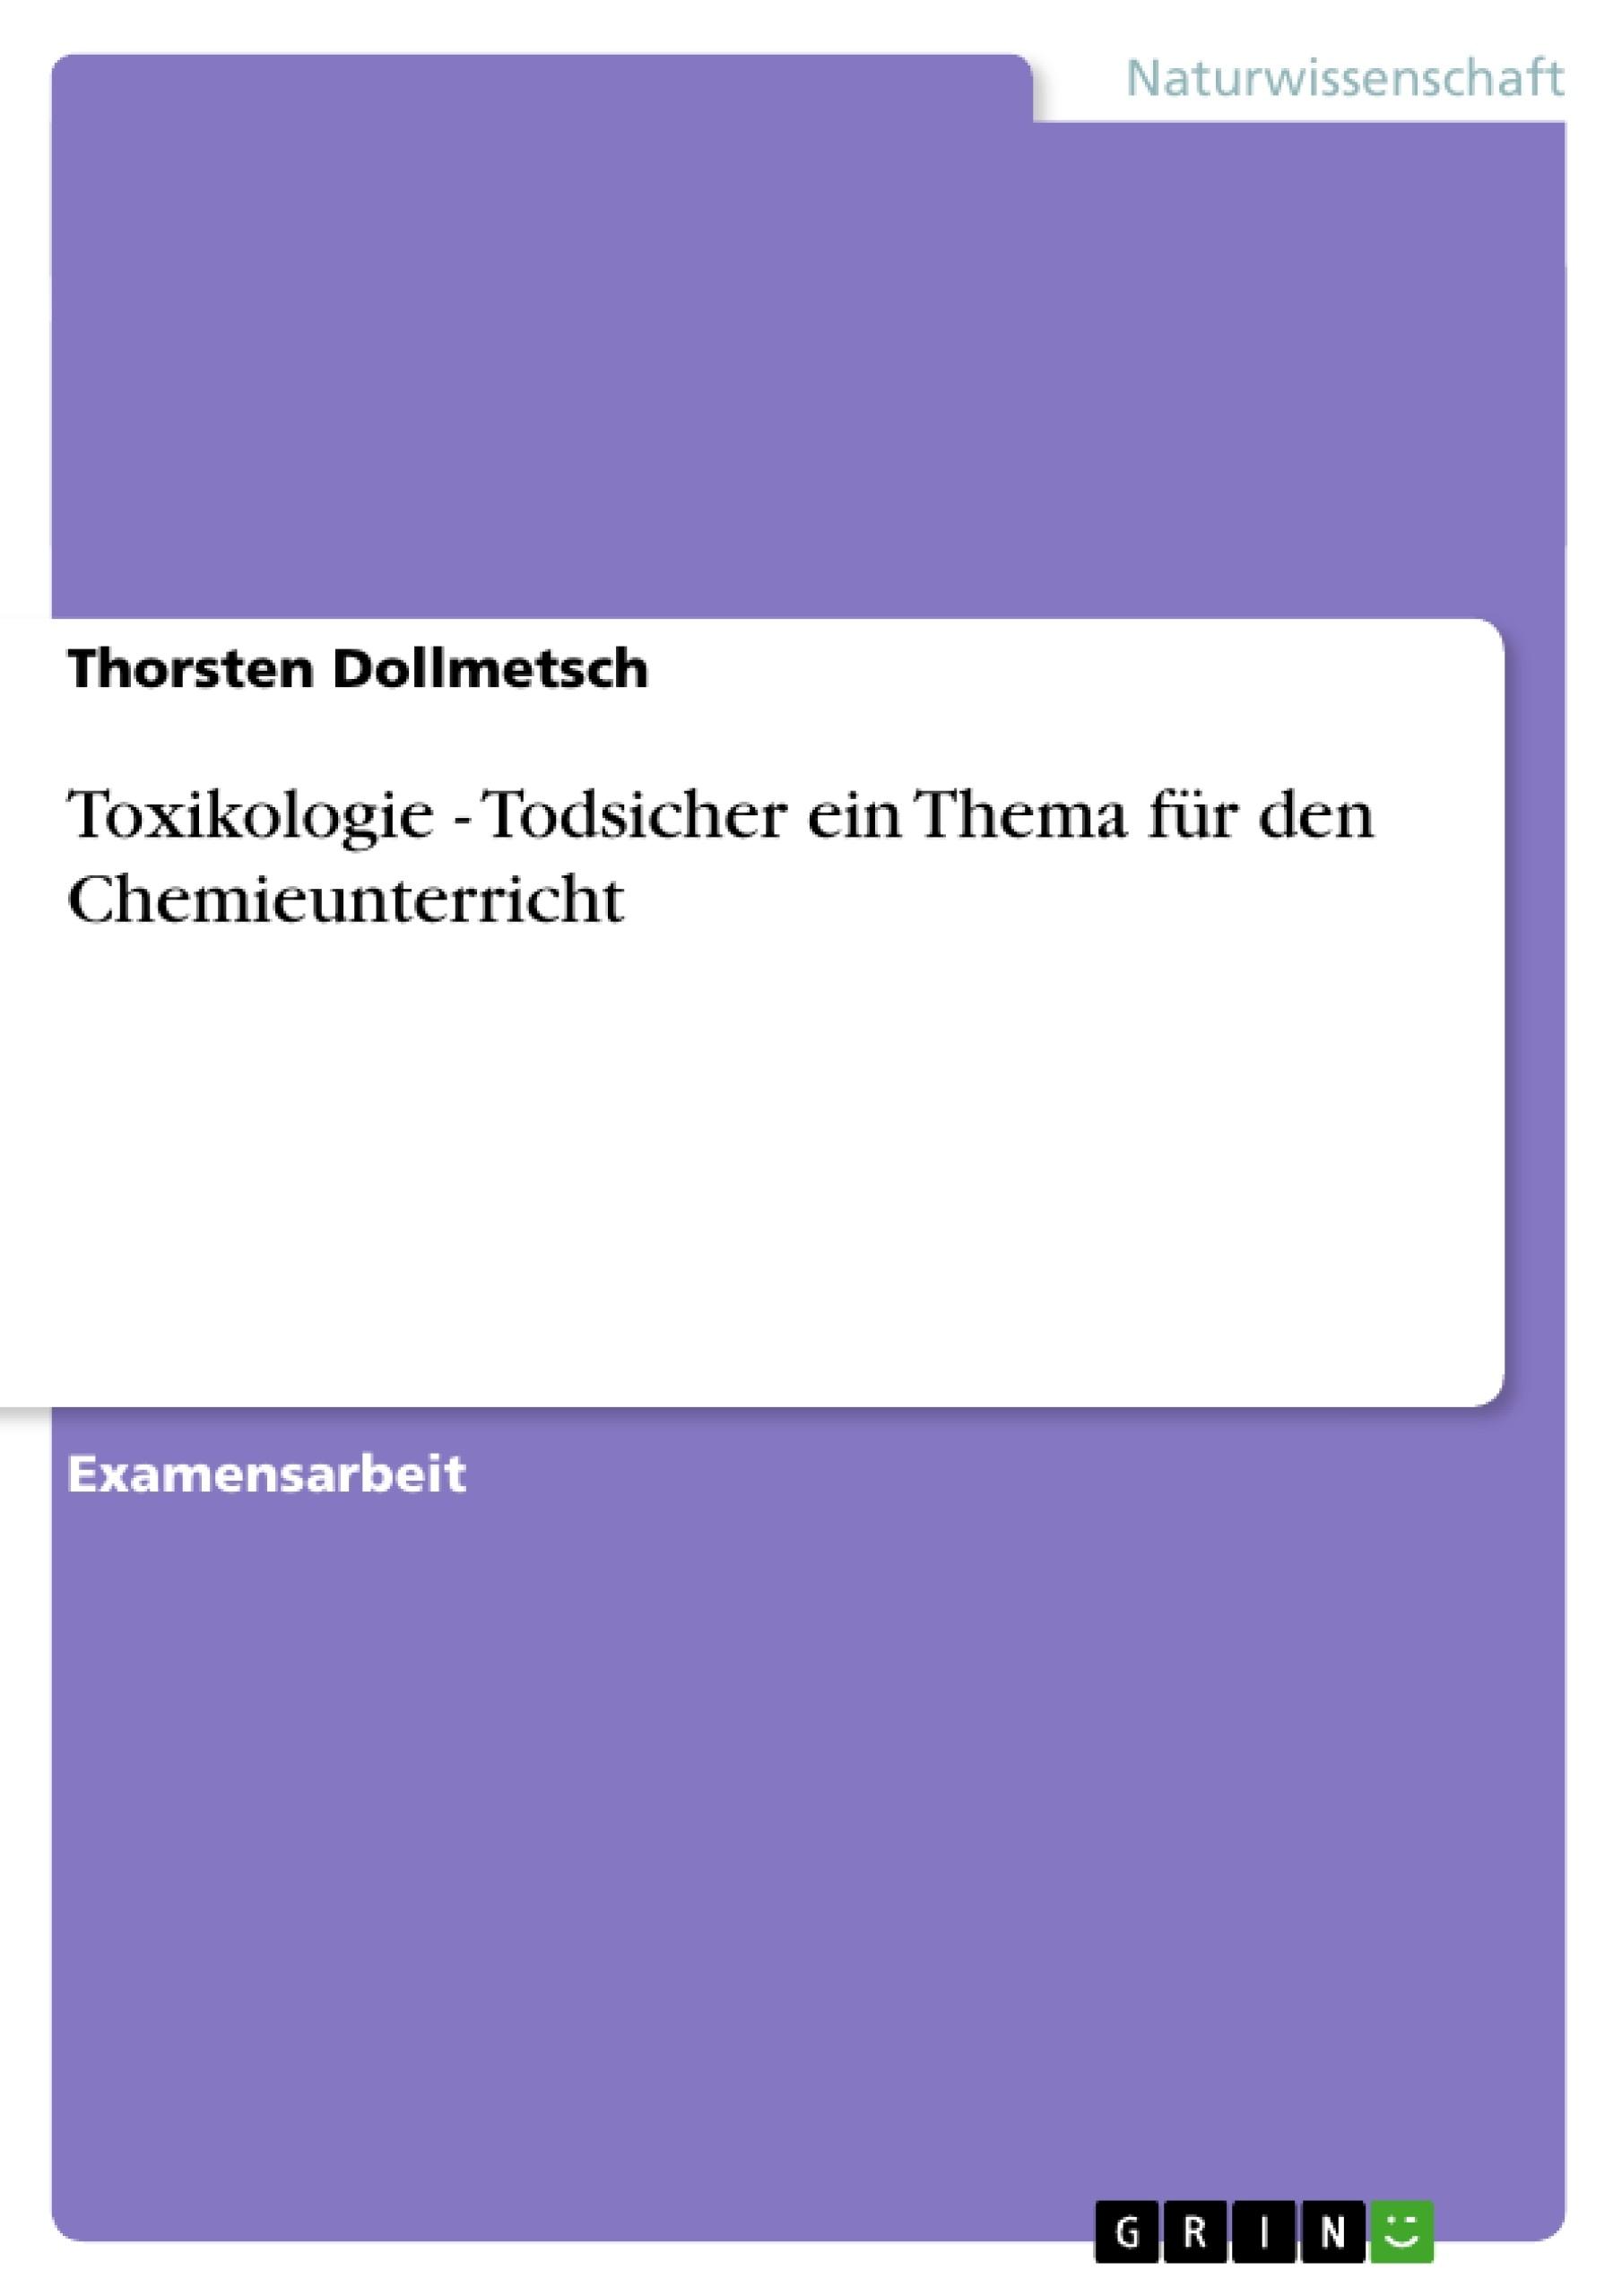 Titel: Toxikologie - Todsicher ein Thema für den Chemieunterricht